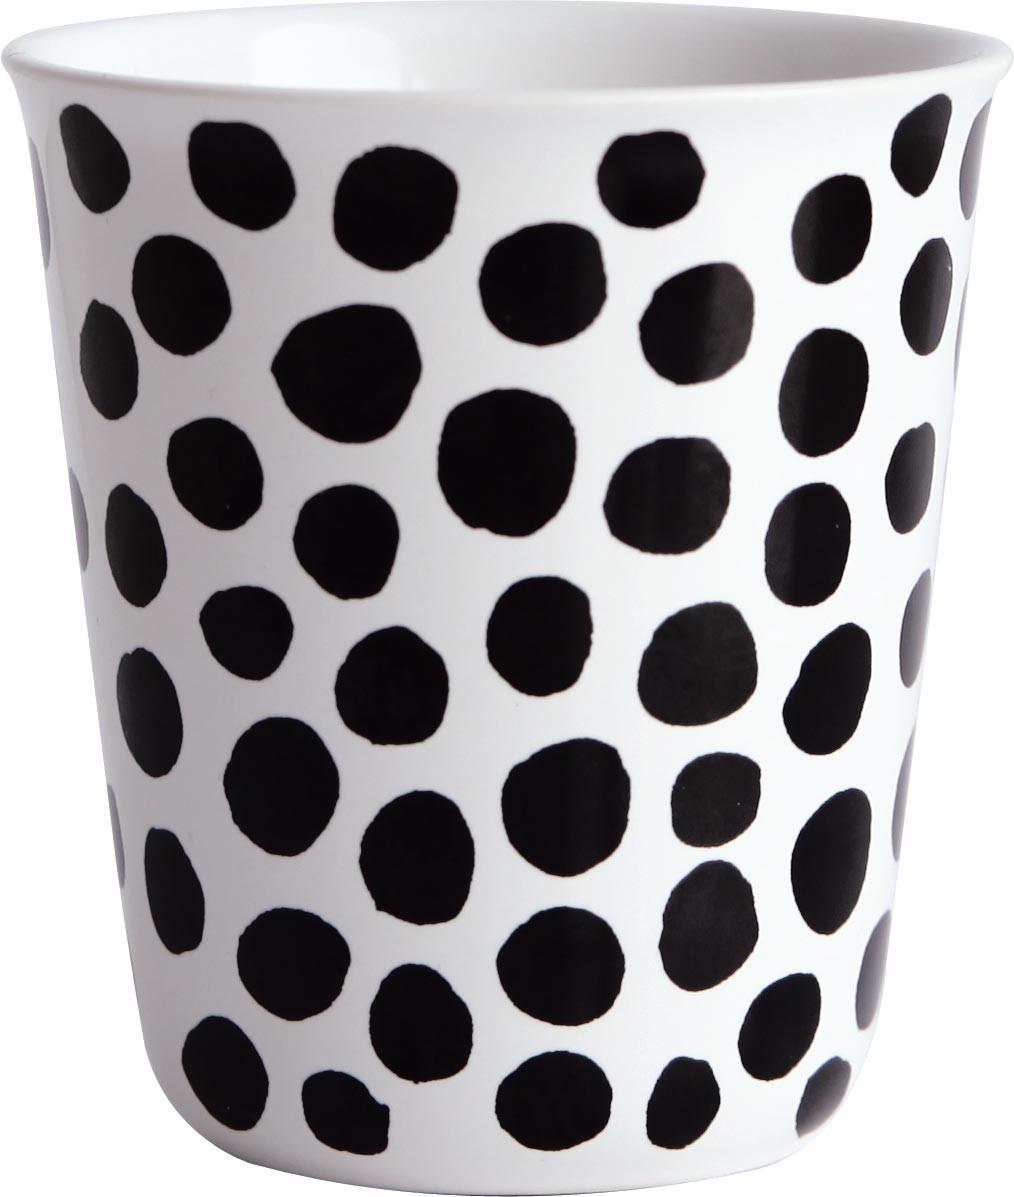 ASA Coppetta dots Espressobecher 0,1 l (mehrfarbig)